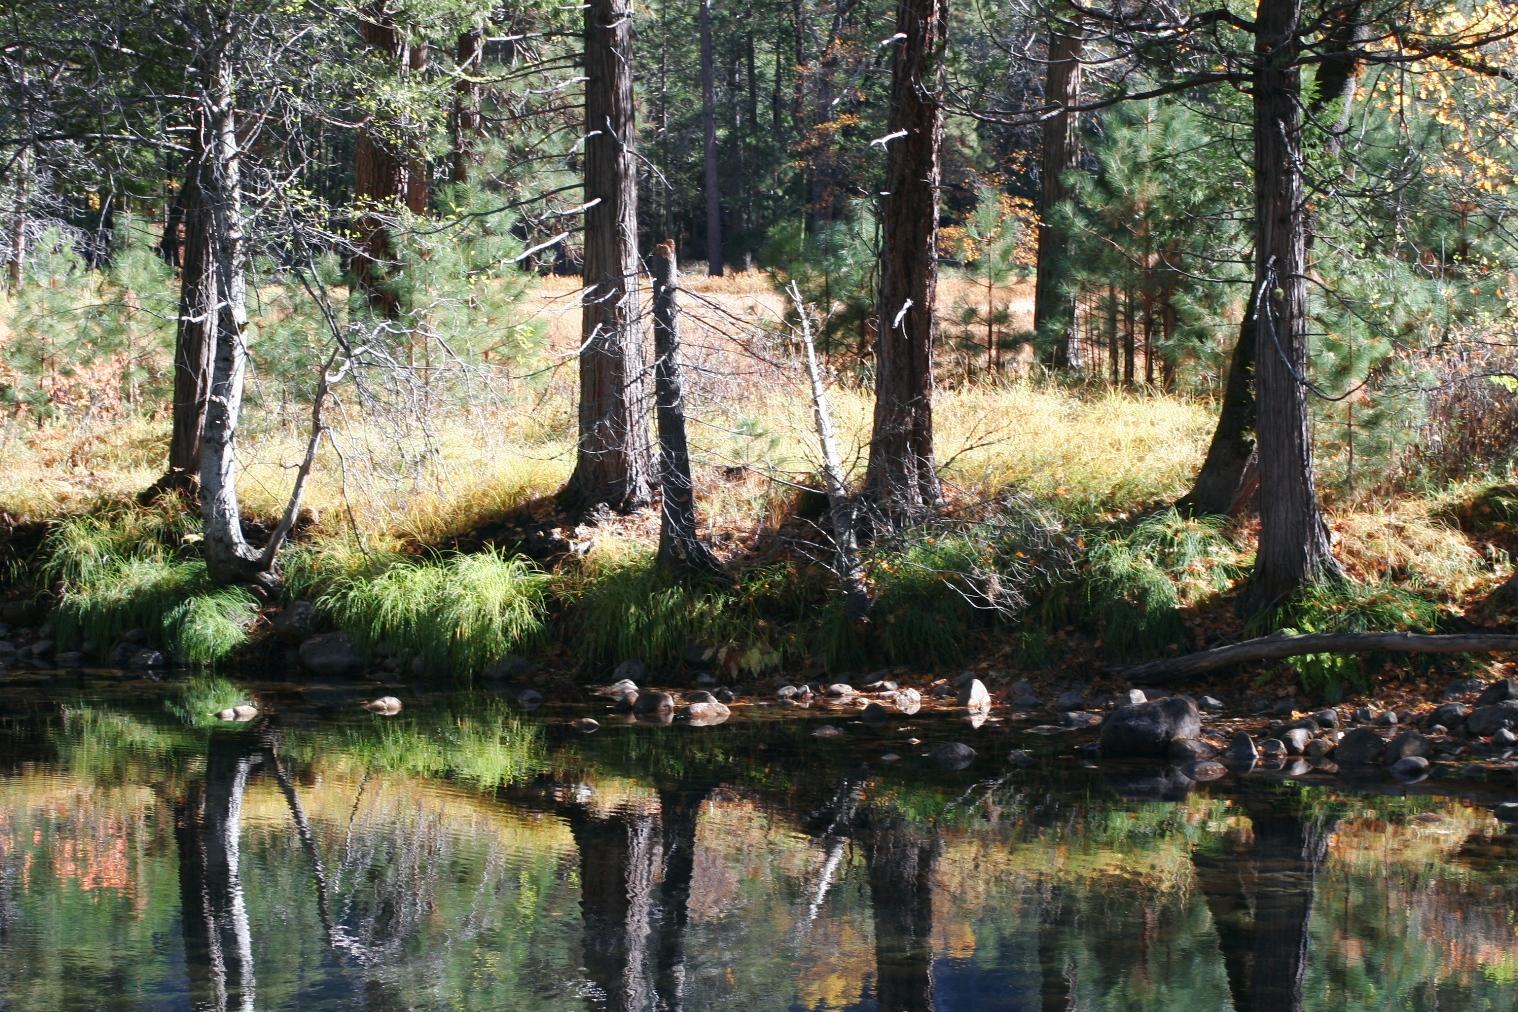 עצים בילוסטון (צילום: חגי ידידיה)